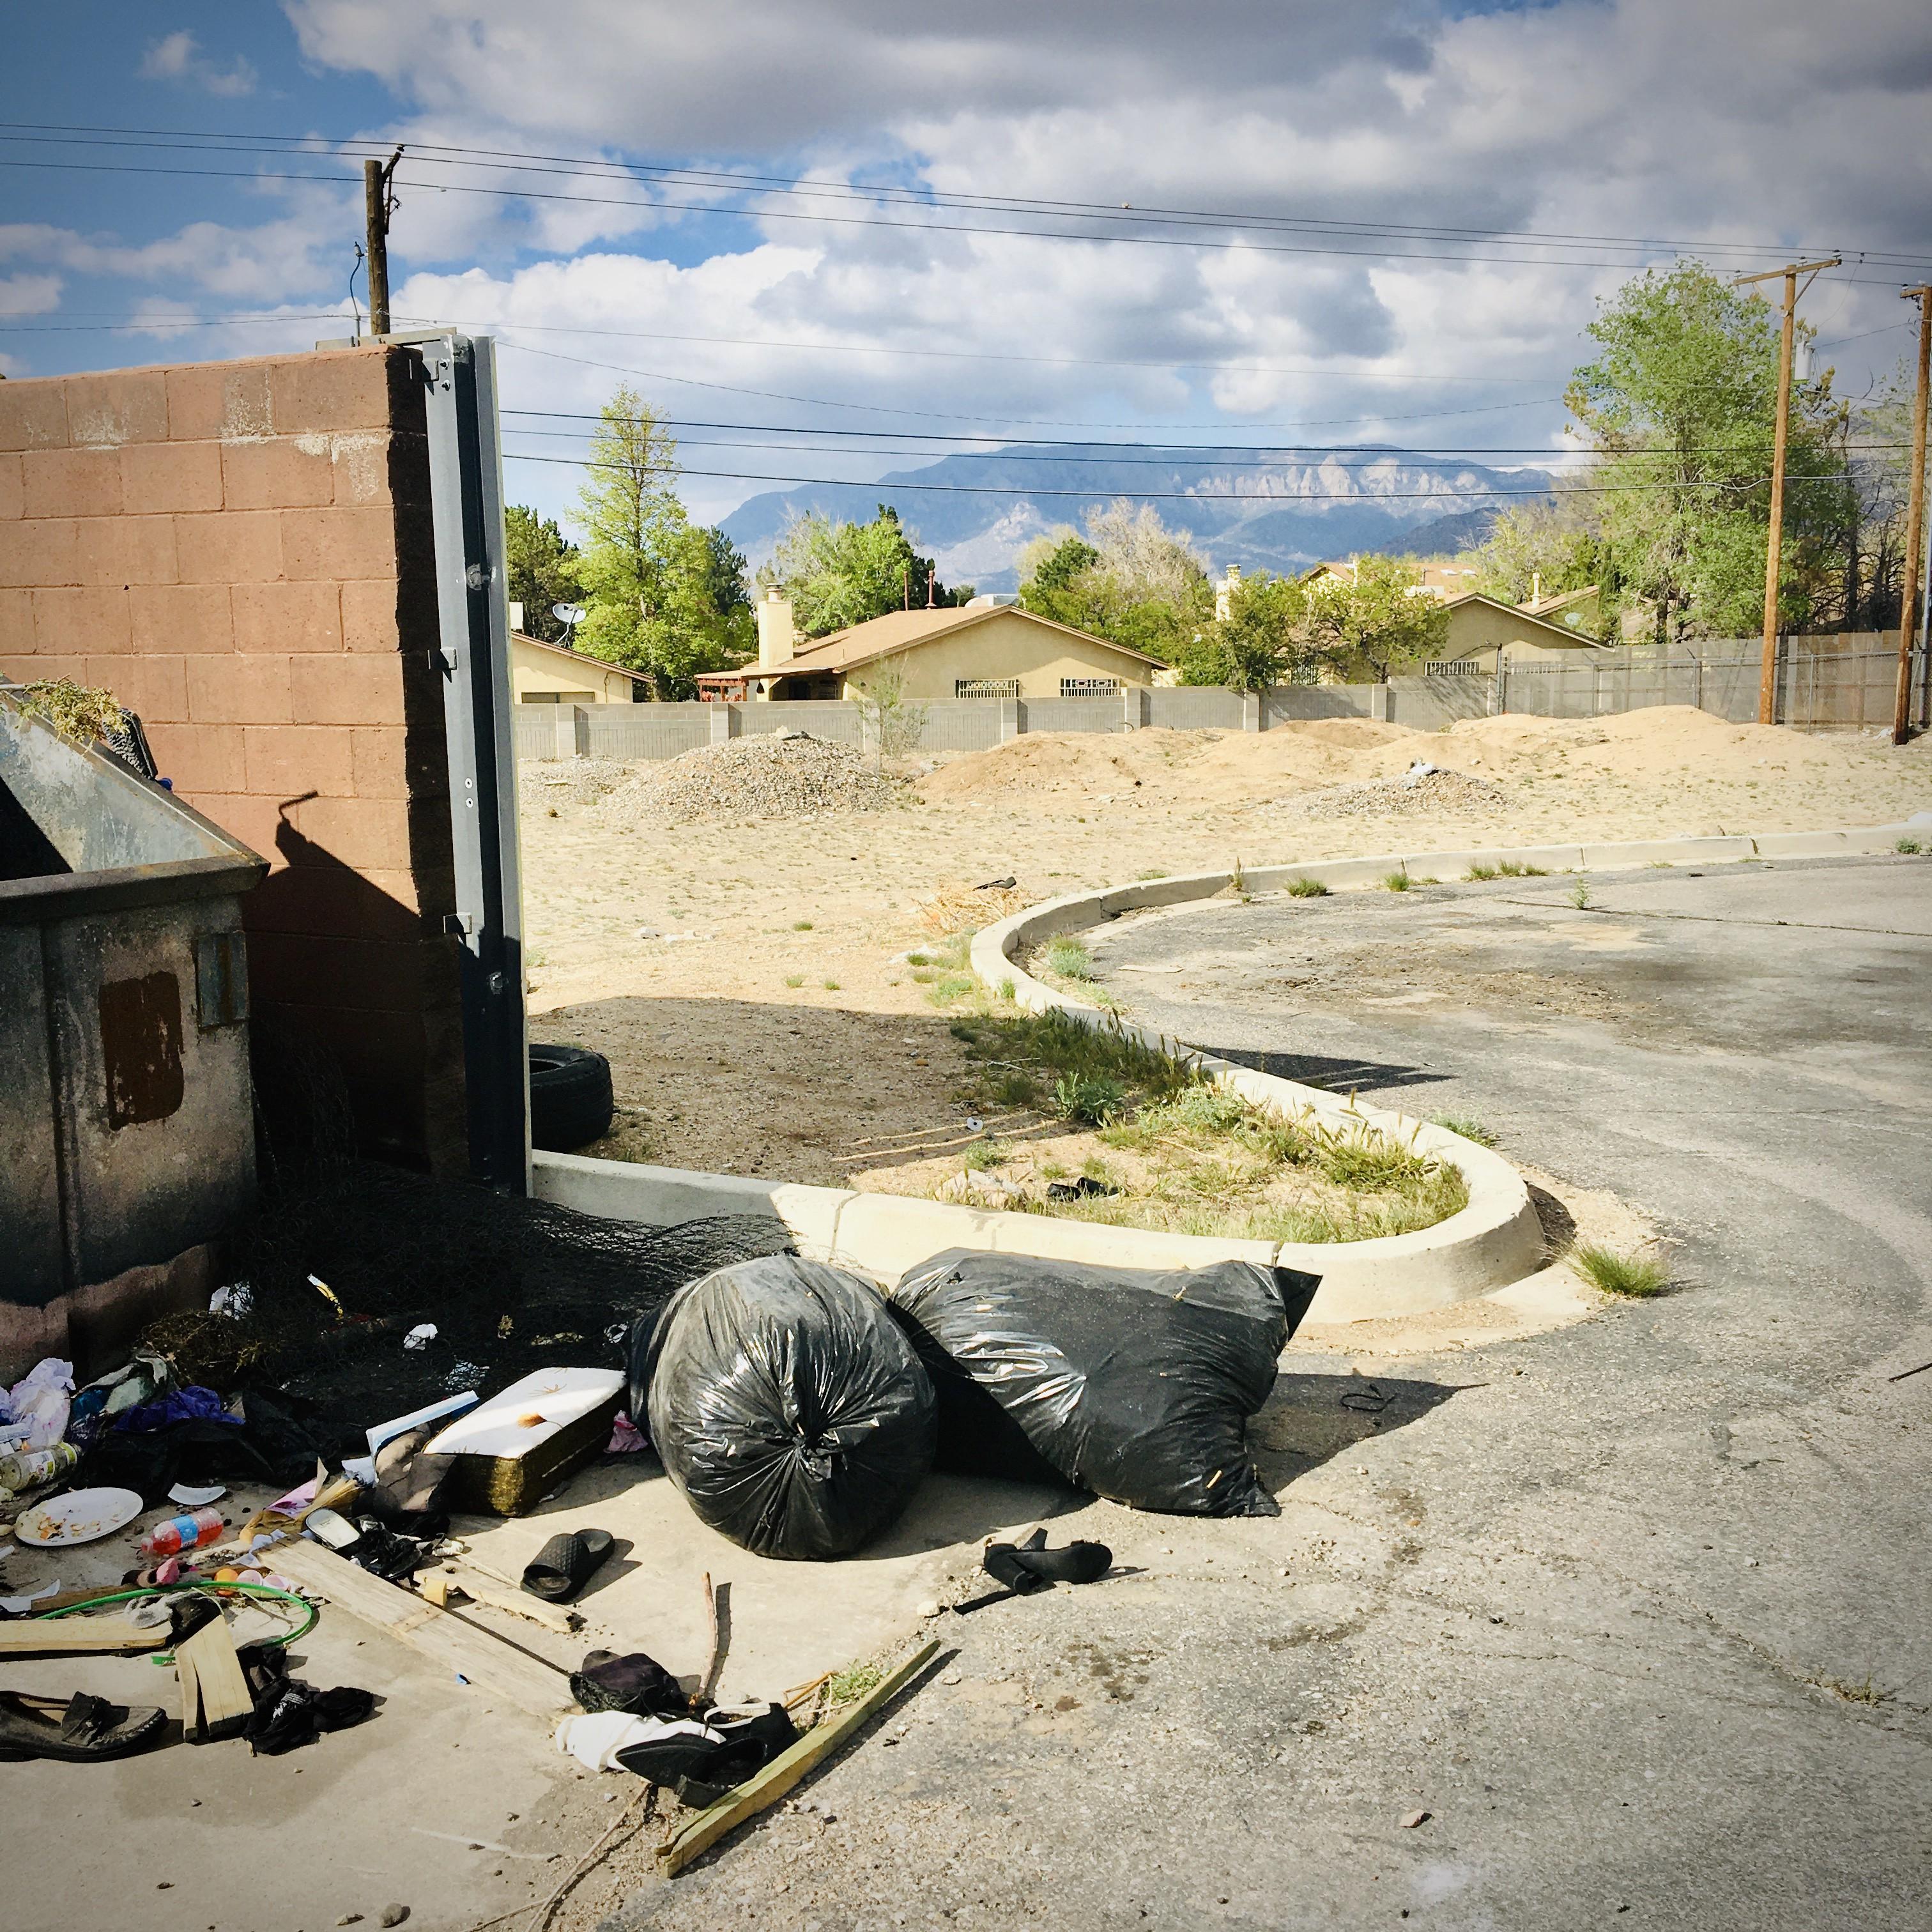 East Central Distopia